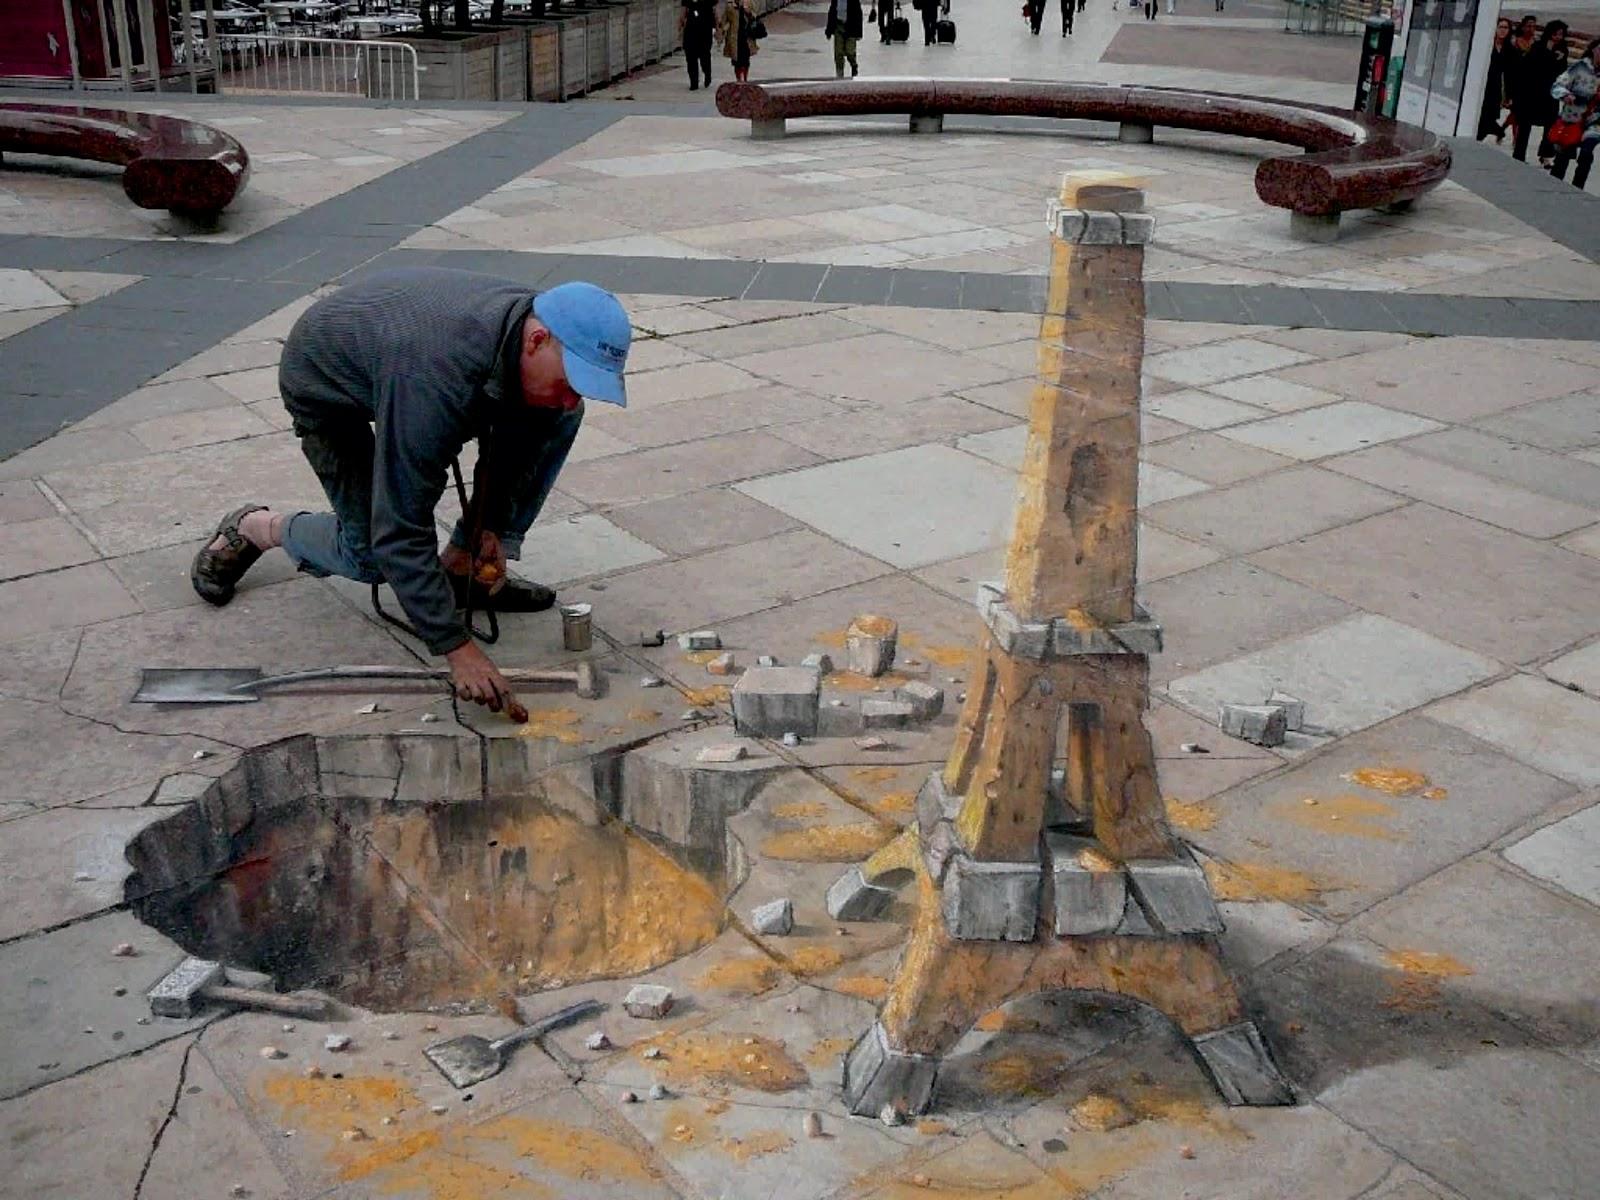 Street art paris 3d graffiti wallpaper 9319 wallpaper forwallpapers 1600x1200